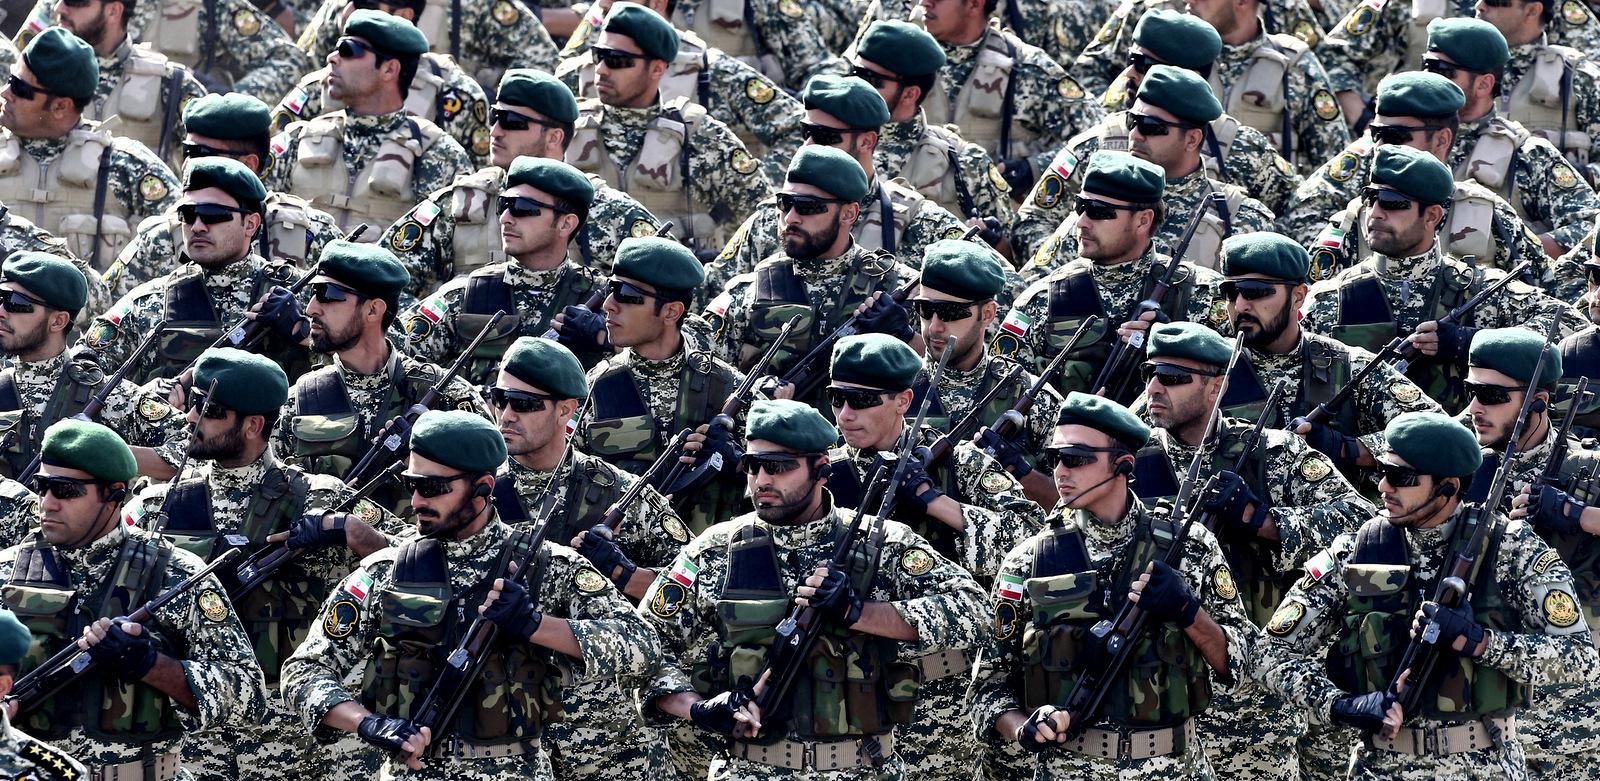 المسؤول الإيراني قال إن بلاده ستقاضي الإمارات أمام المحاكم الدولية